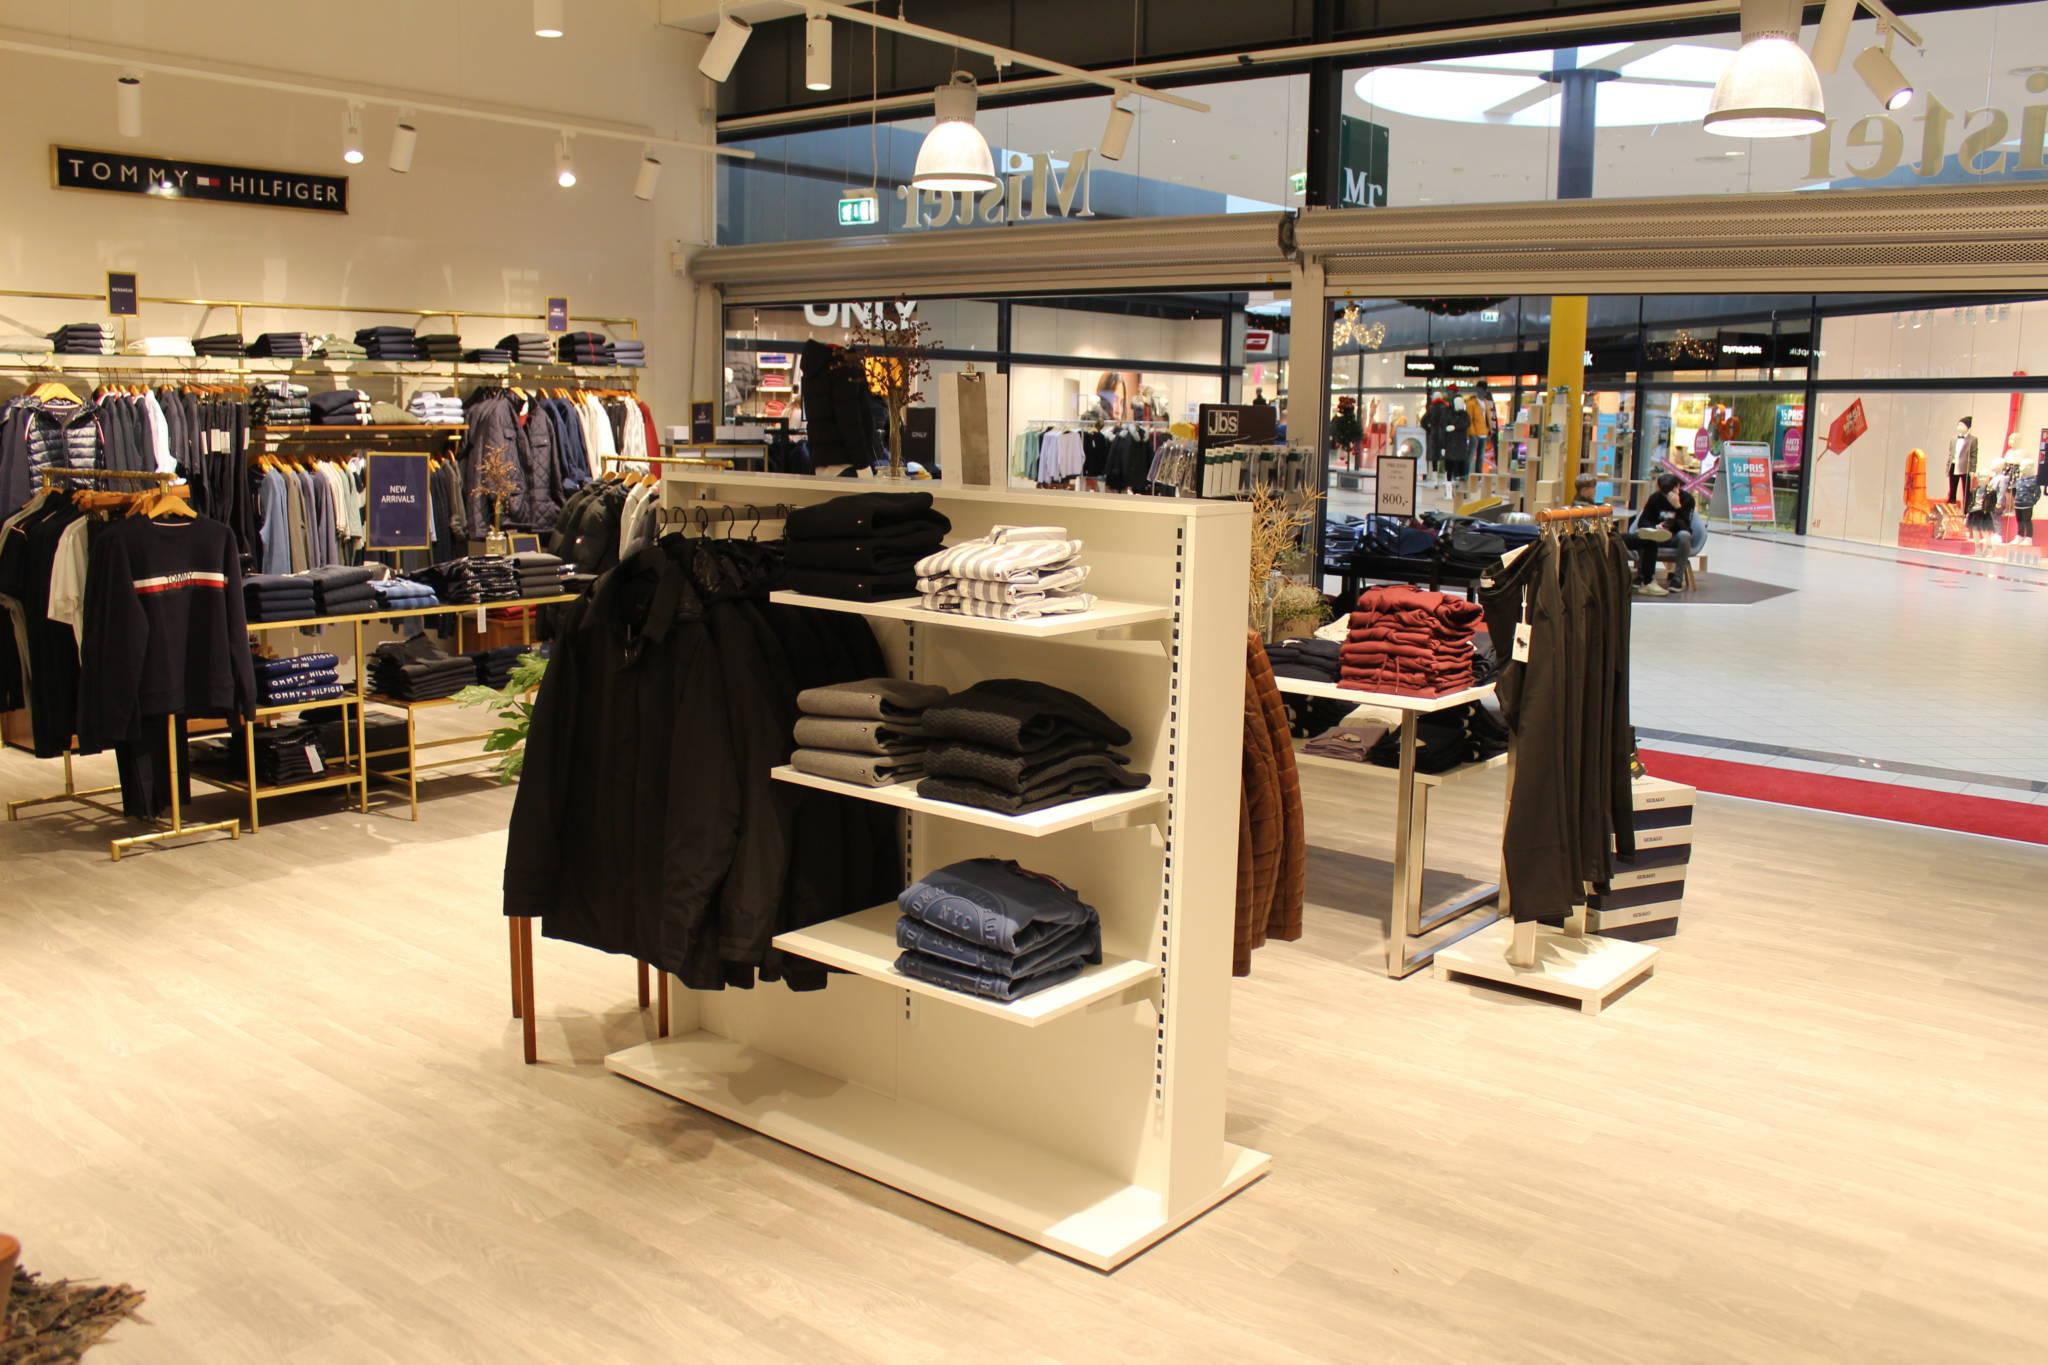 mister Mr. herrebutik anvender hvide rumdelere. Butiksindretning og butiksinventar.